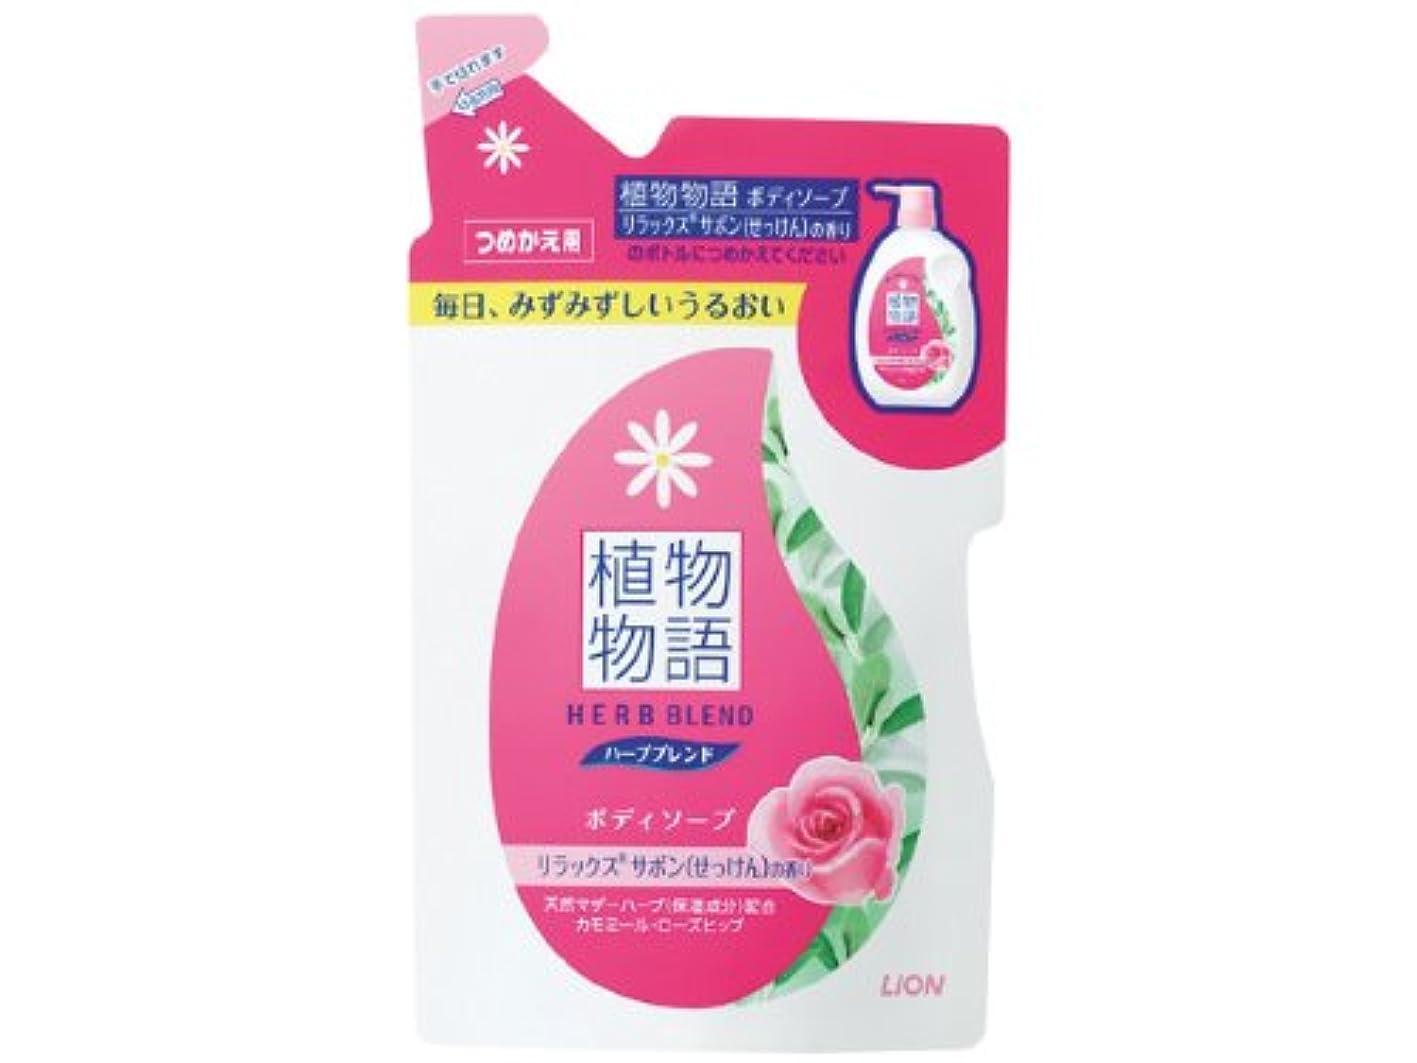 マガジン賭け不公平植物物語 ハーブブレンド ボディソープ リラックスサボン(せっけん)の香り つめかえ用 420mL